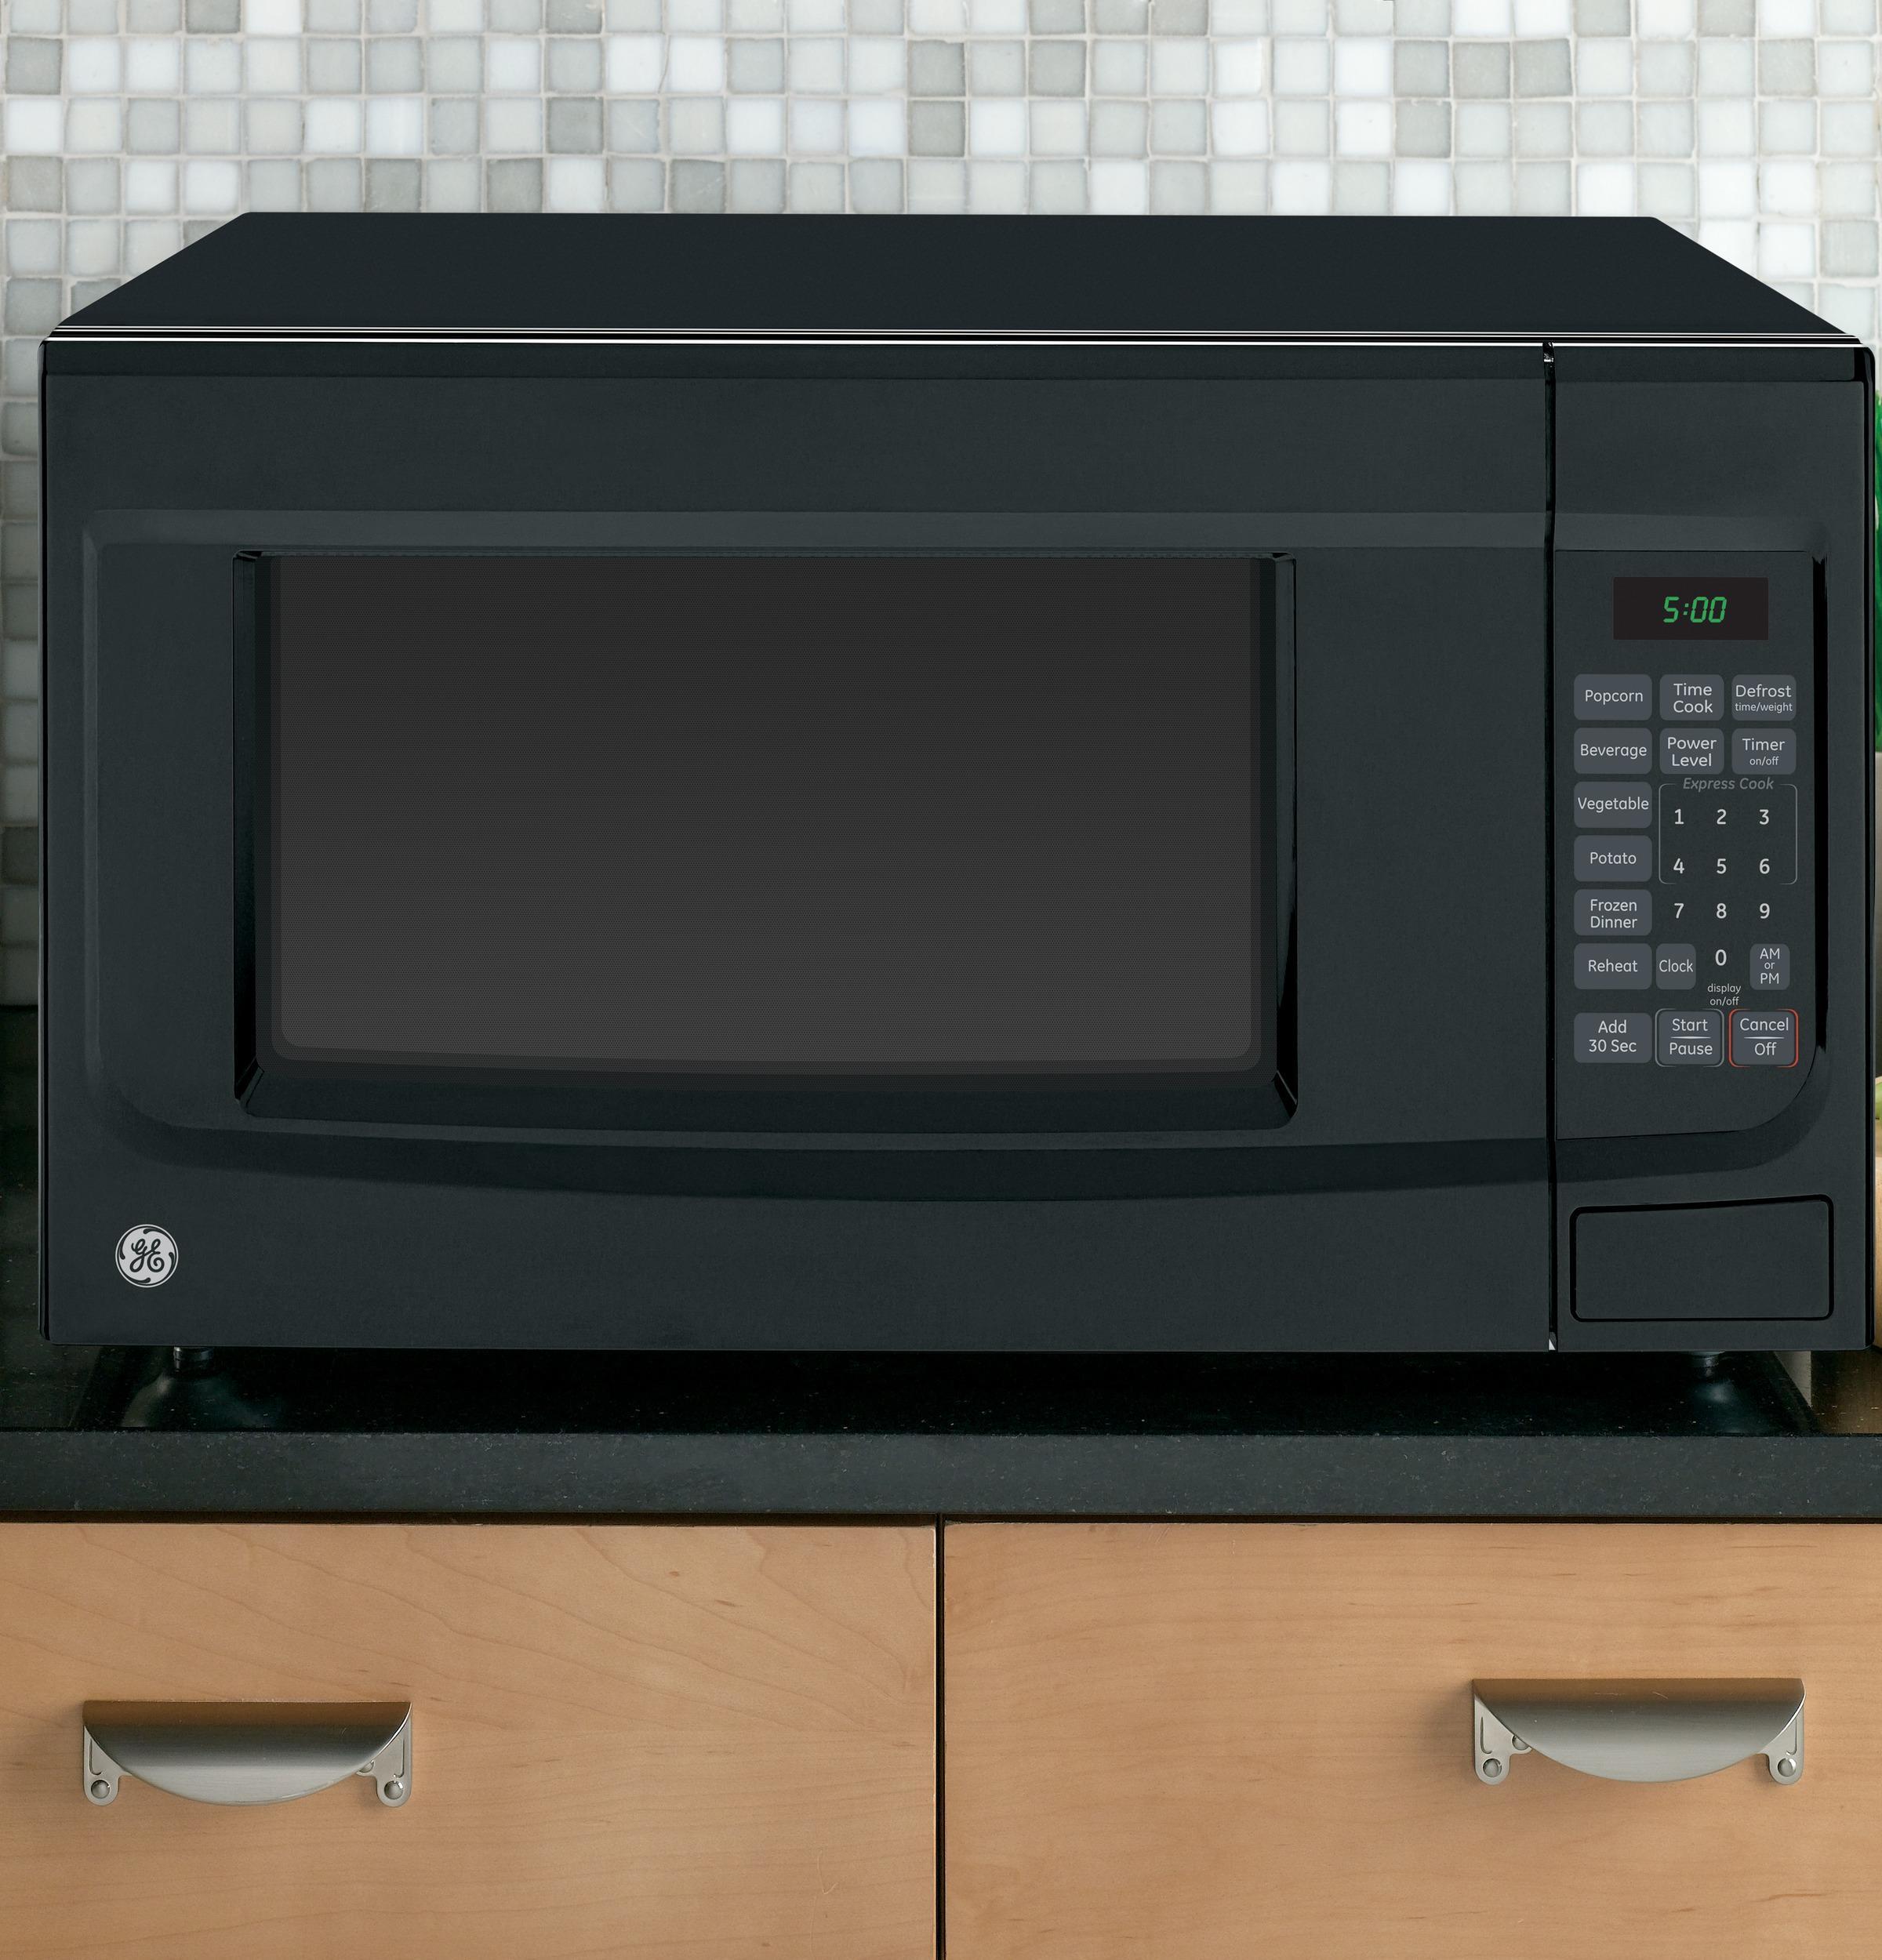 Ge Countertop Microwave Jes1456dsww : JES1456DSWW Ge jes1456dsww Countertop Microwaves White